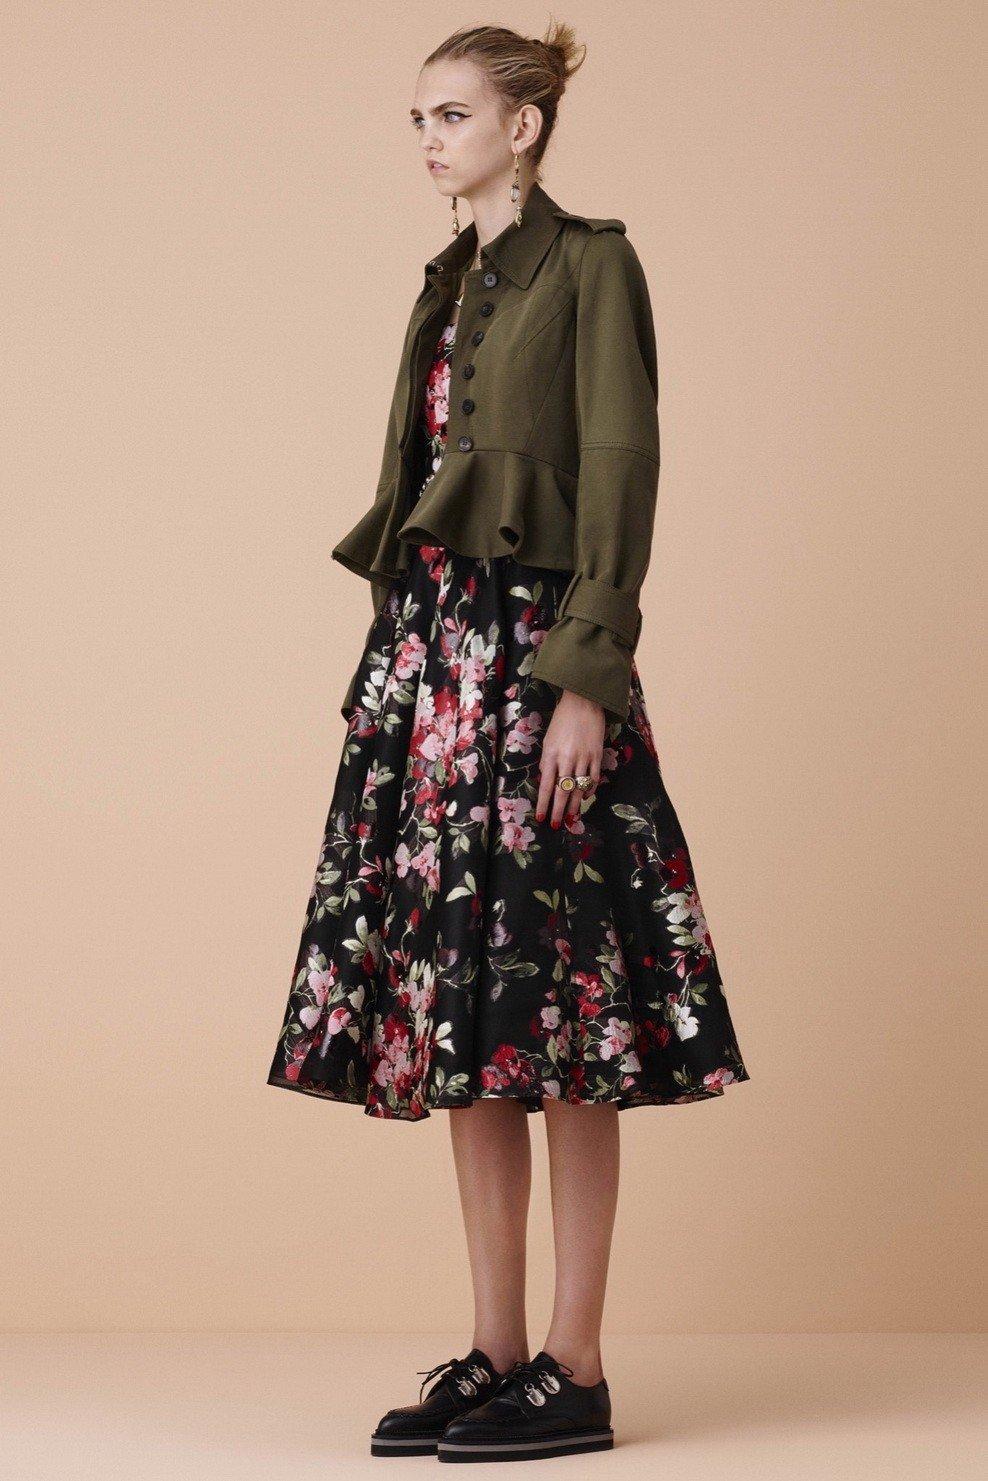 стильный образ весна 2019: юбка цветочный принт и пиджак цвета хаки повседневный